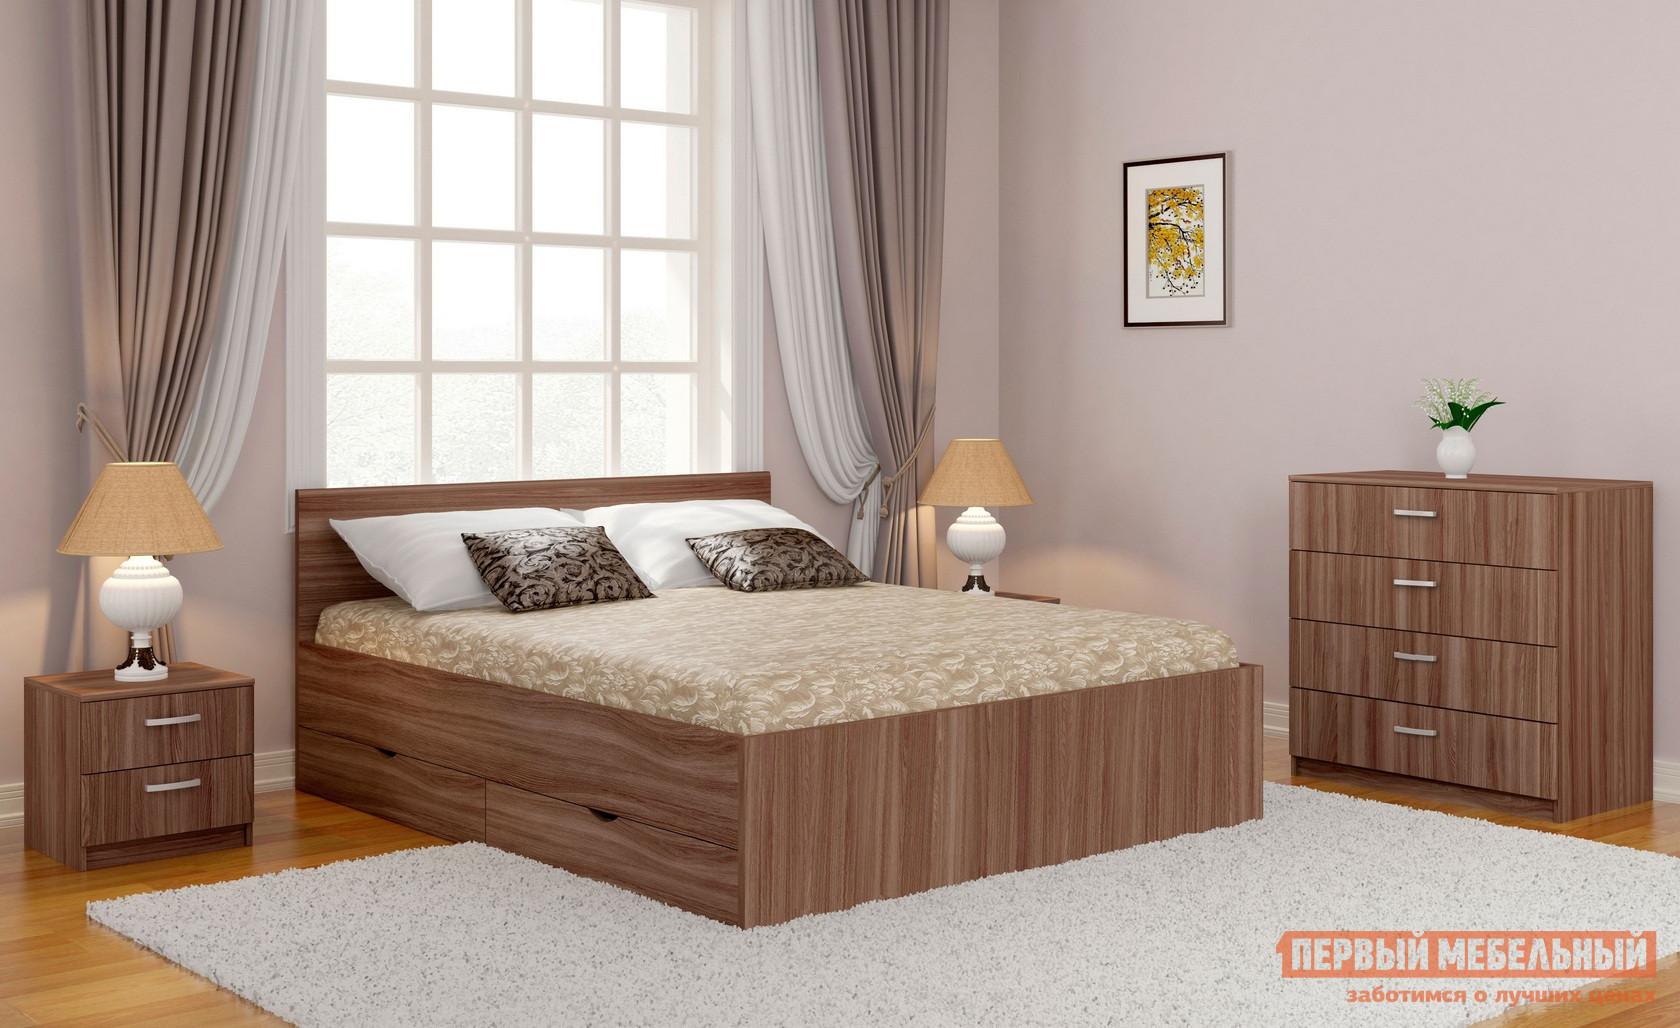 Двуспальная кровать Боровичи Дрим двуспальная кровать боровичи кровать гнутая спинка мягкая